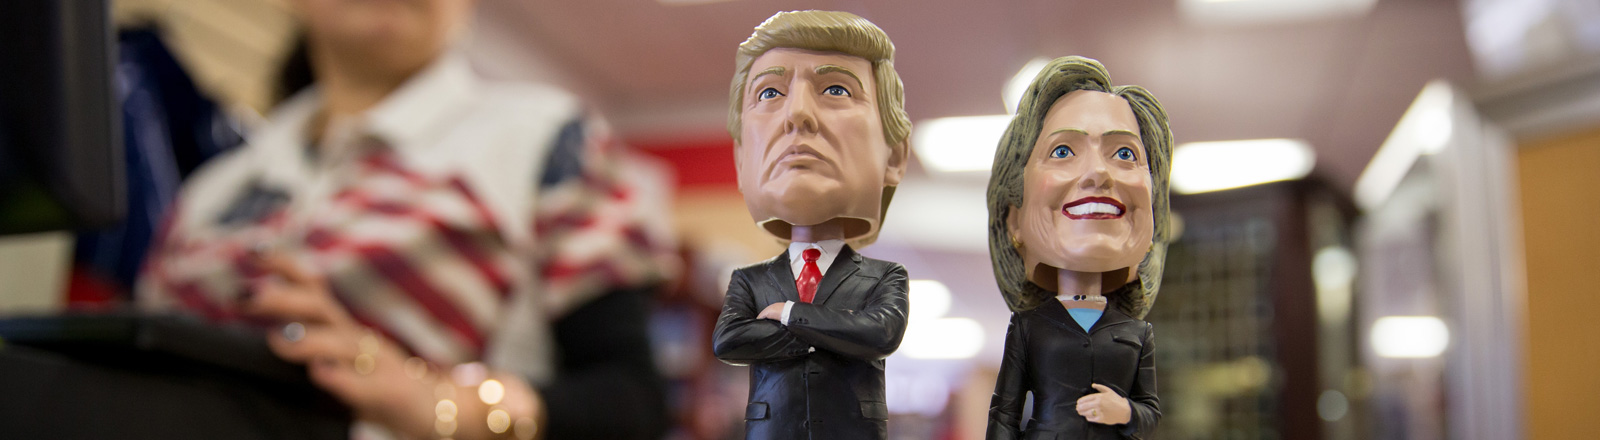 Wackelfiguren mit stilisierten Köpfen der Präsidentschaftsanwärter Donald Trump und Hillary Clinton zum Verkauf im White House Gift Shop